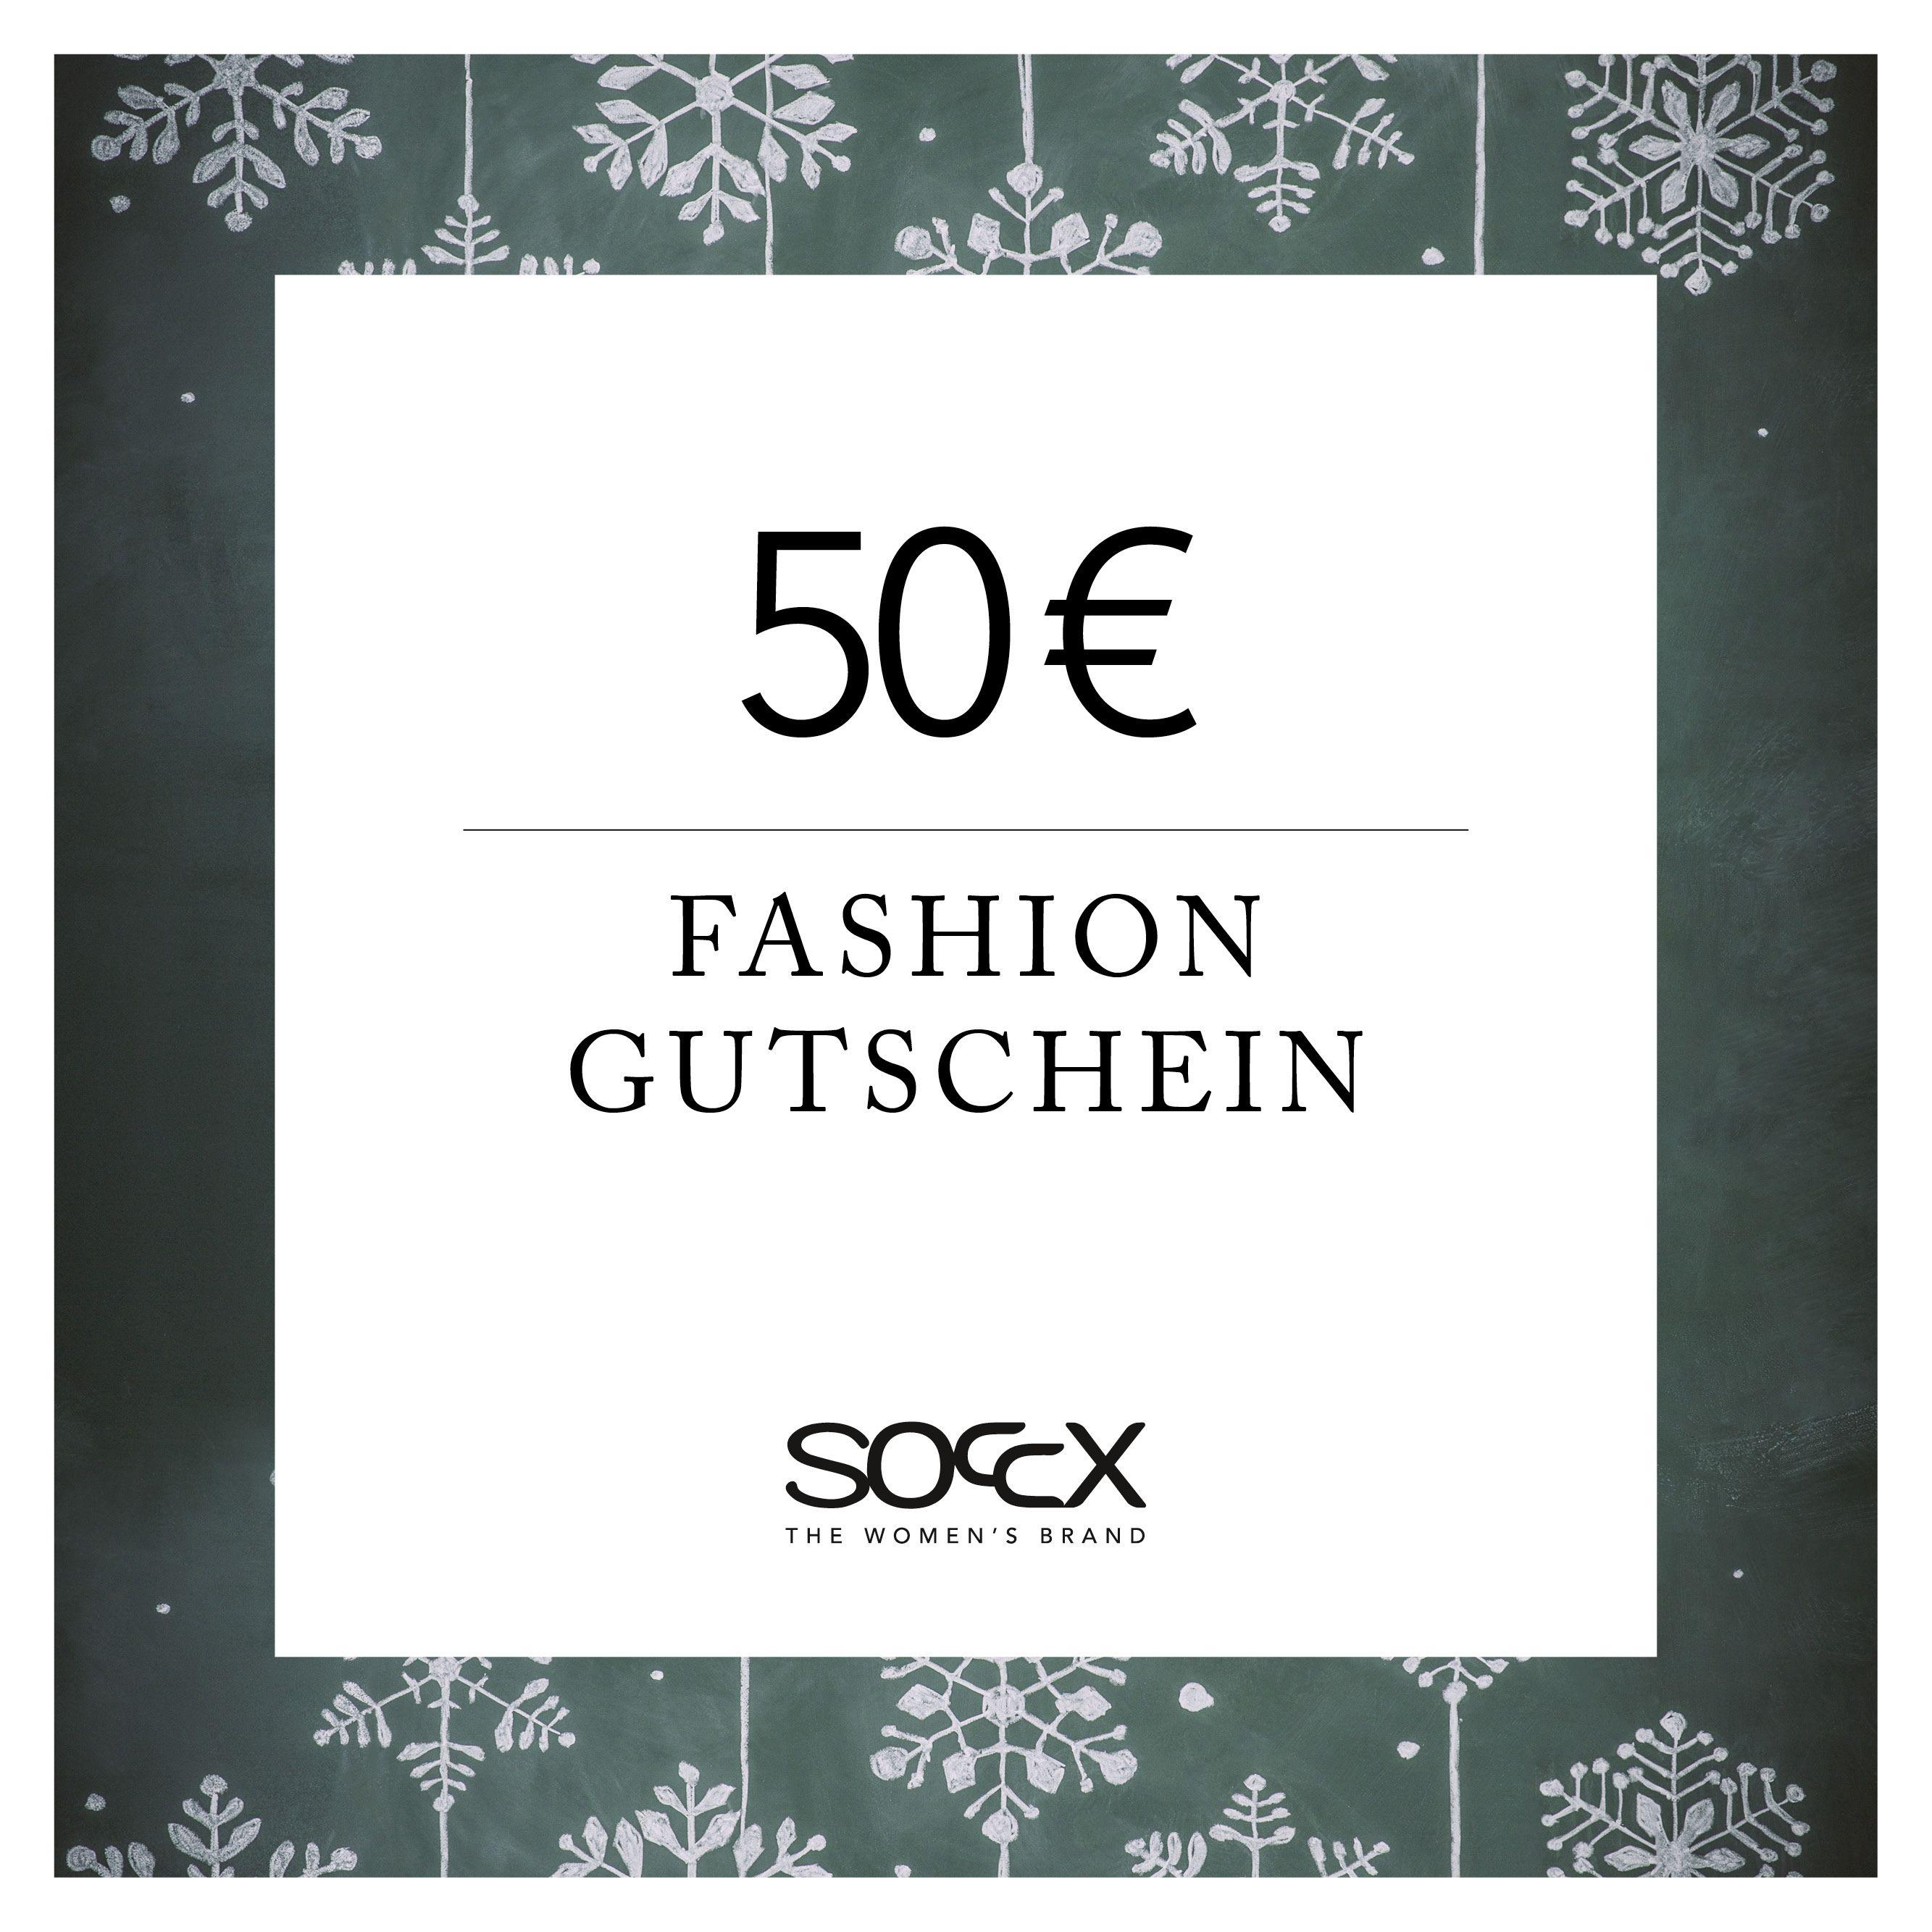 Shoppen mit Gutschein macht wesentlich mehr Spaß! Mit einem Gutschein von SOCCX ganz besonders!